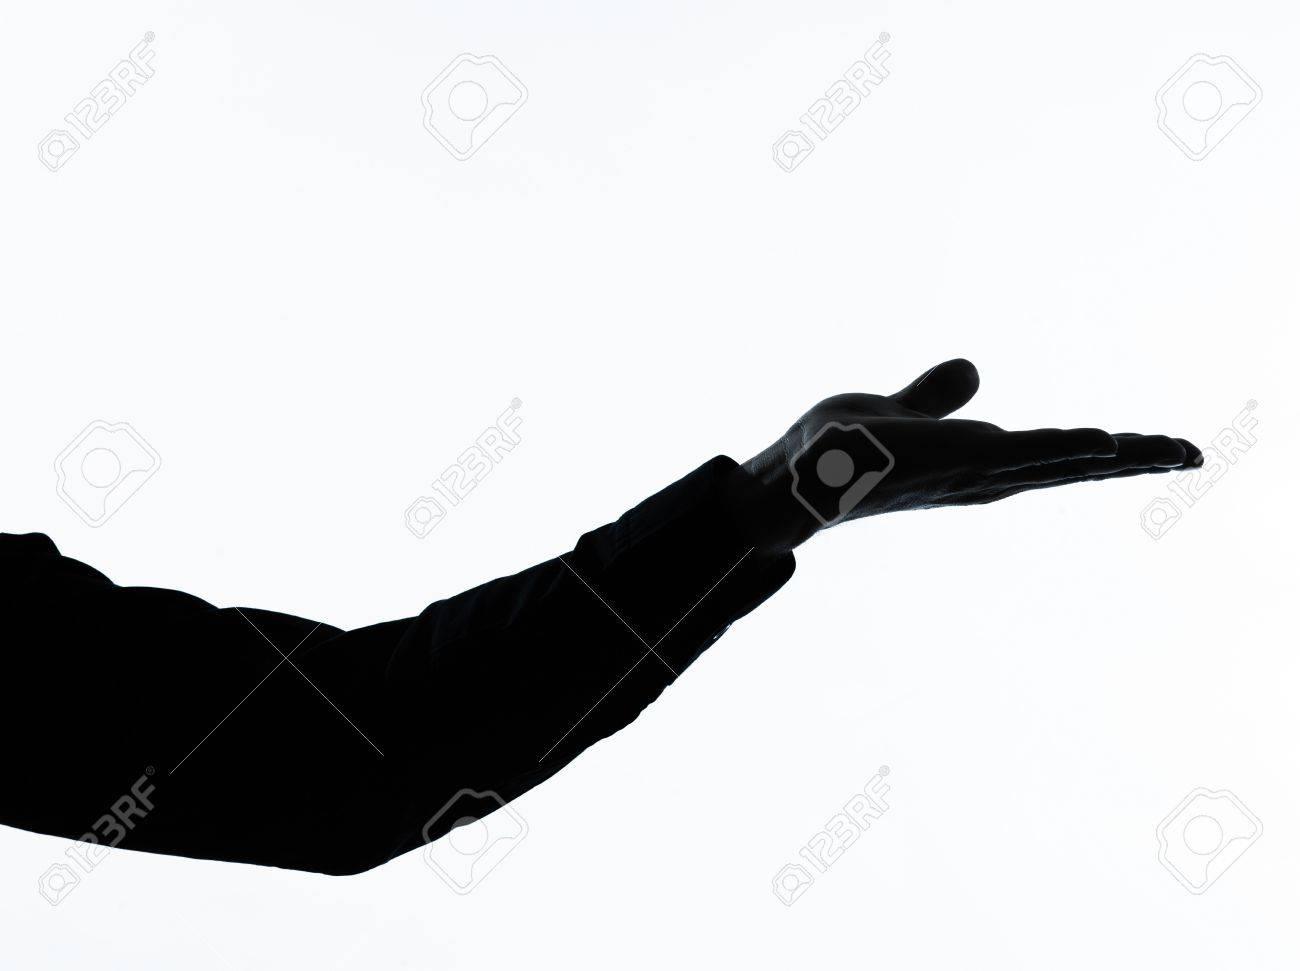 1 つの白人男空手は、白い背景で隔離のスタジオで縦長シルエットを開く